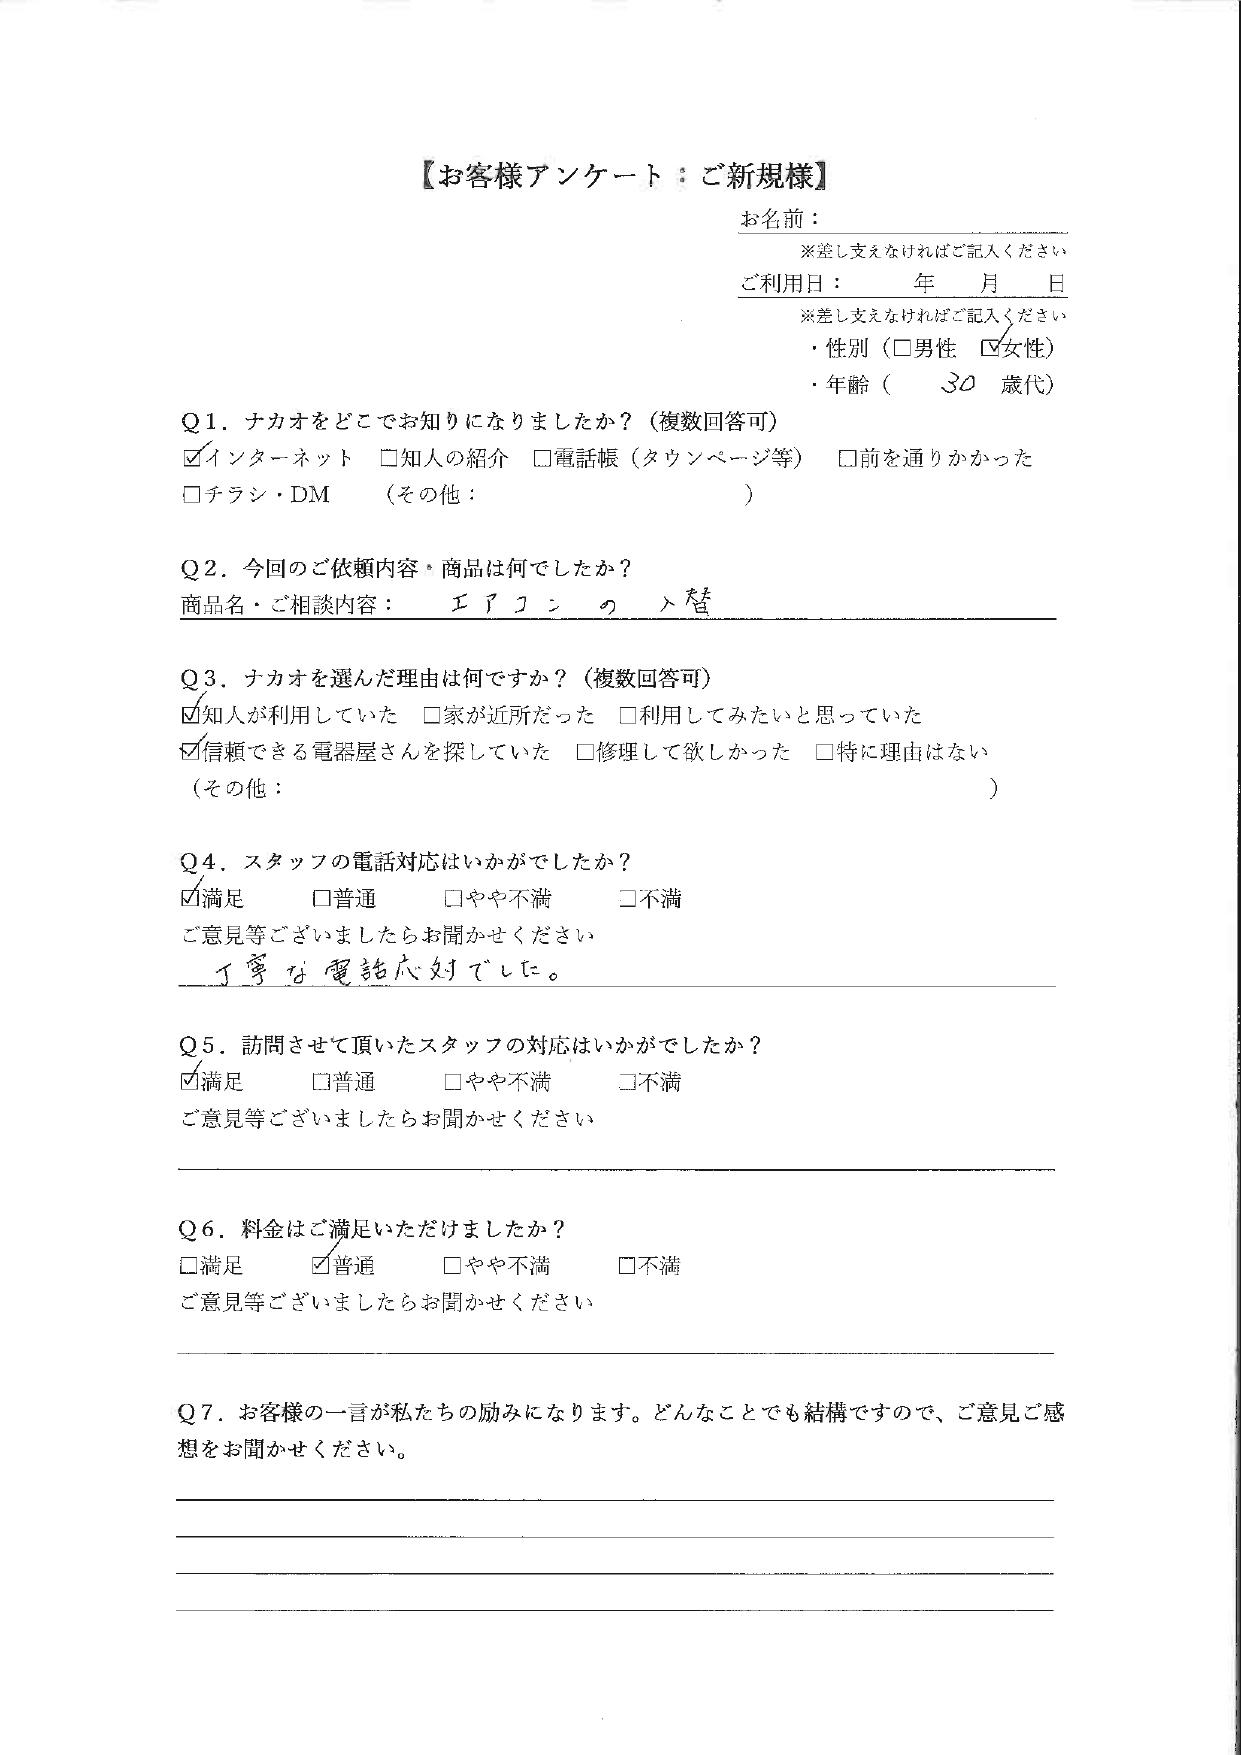 ナカオ_page-0004